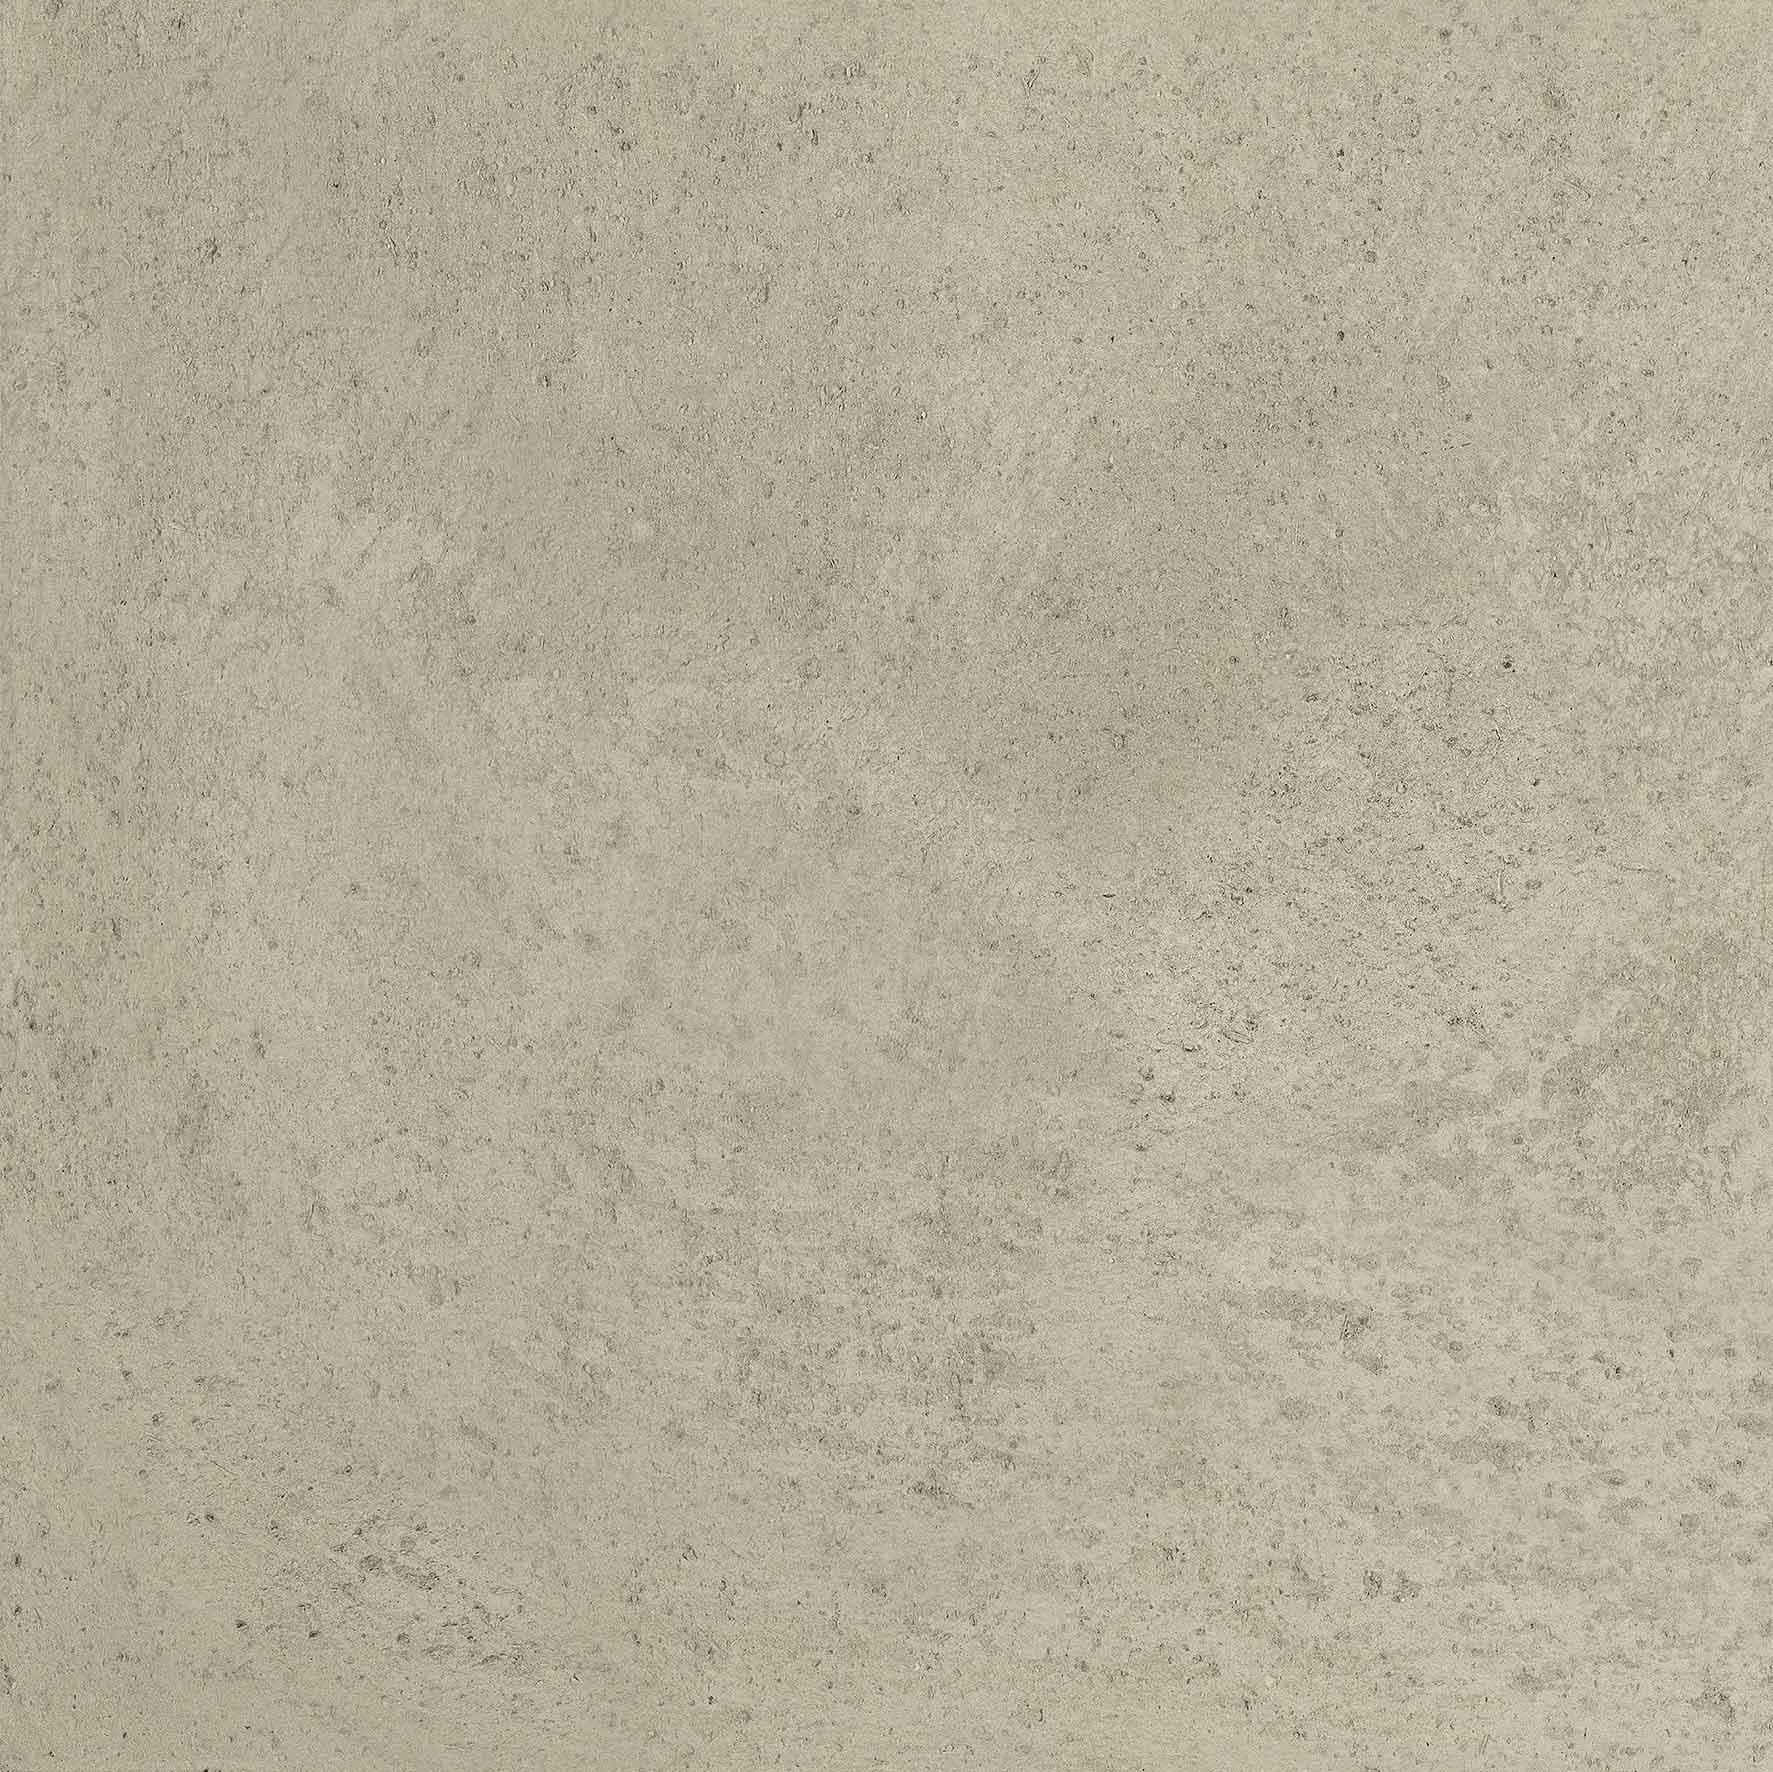 Maps of Cerim Beige Bush-hammered 20mm 60 x 60